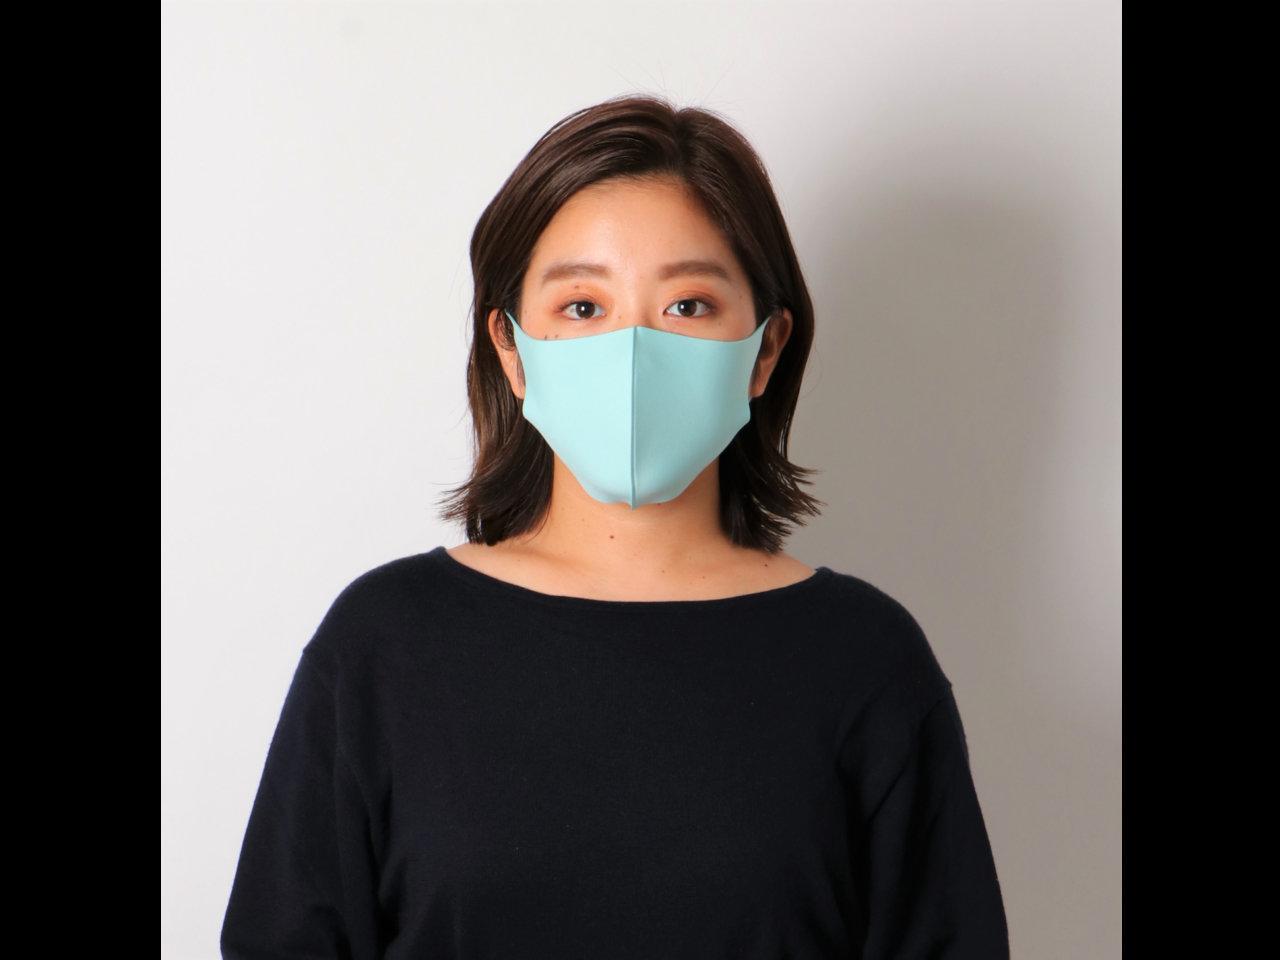 細菌増殖99%抑制!「清(さや)マスク」を発売開始。1枚600円。